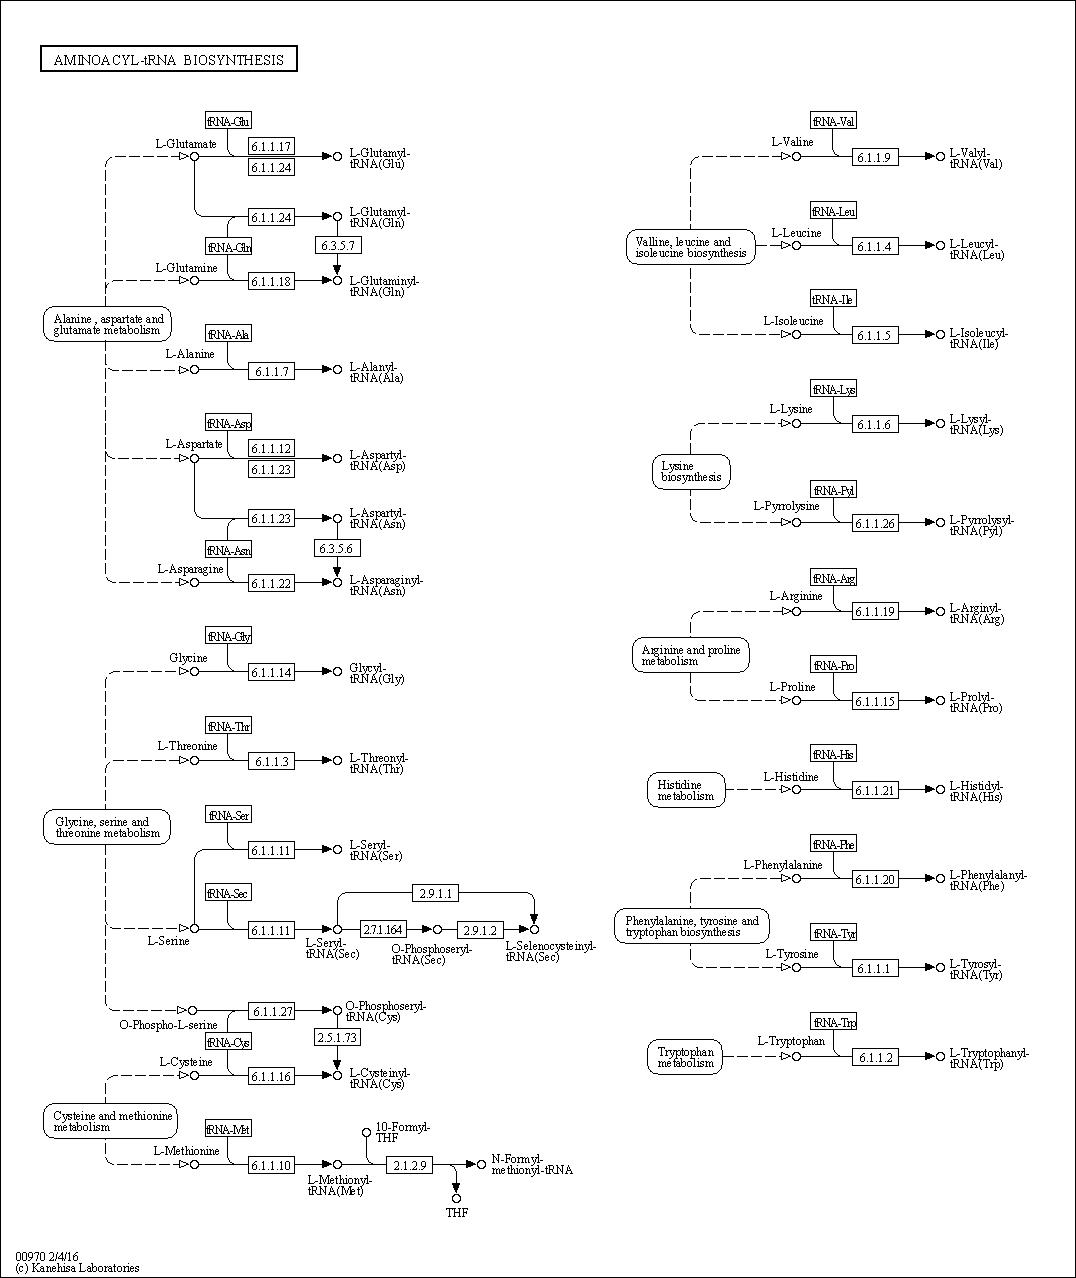 Aminoacyl Trna Biosynthesis